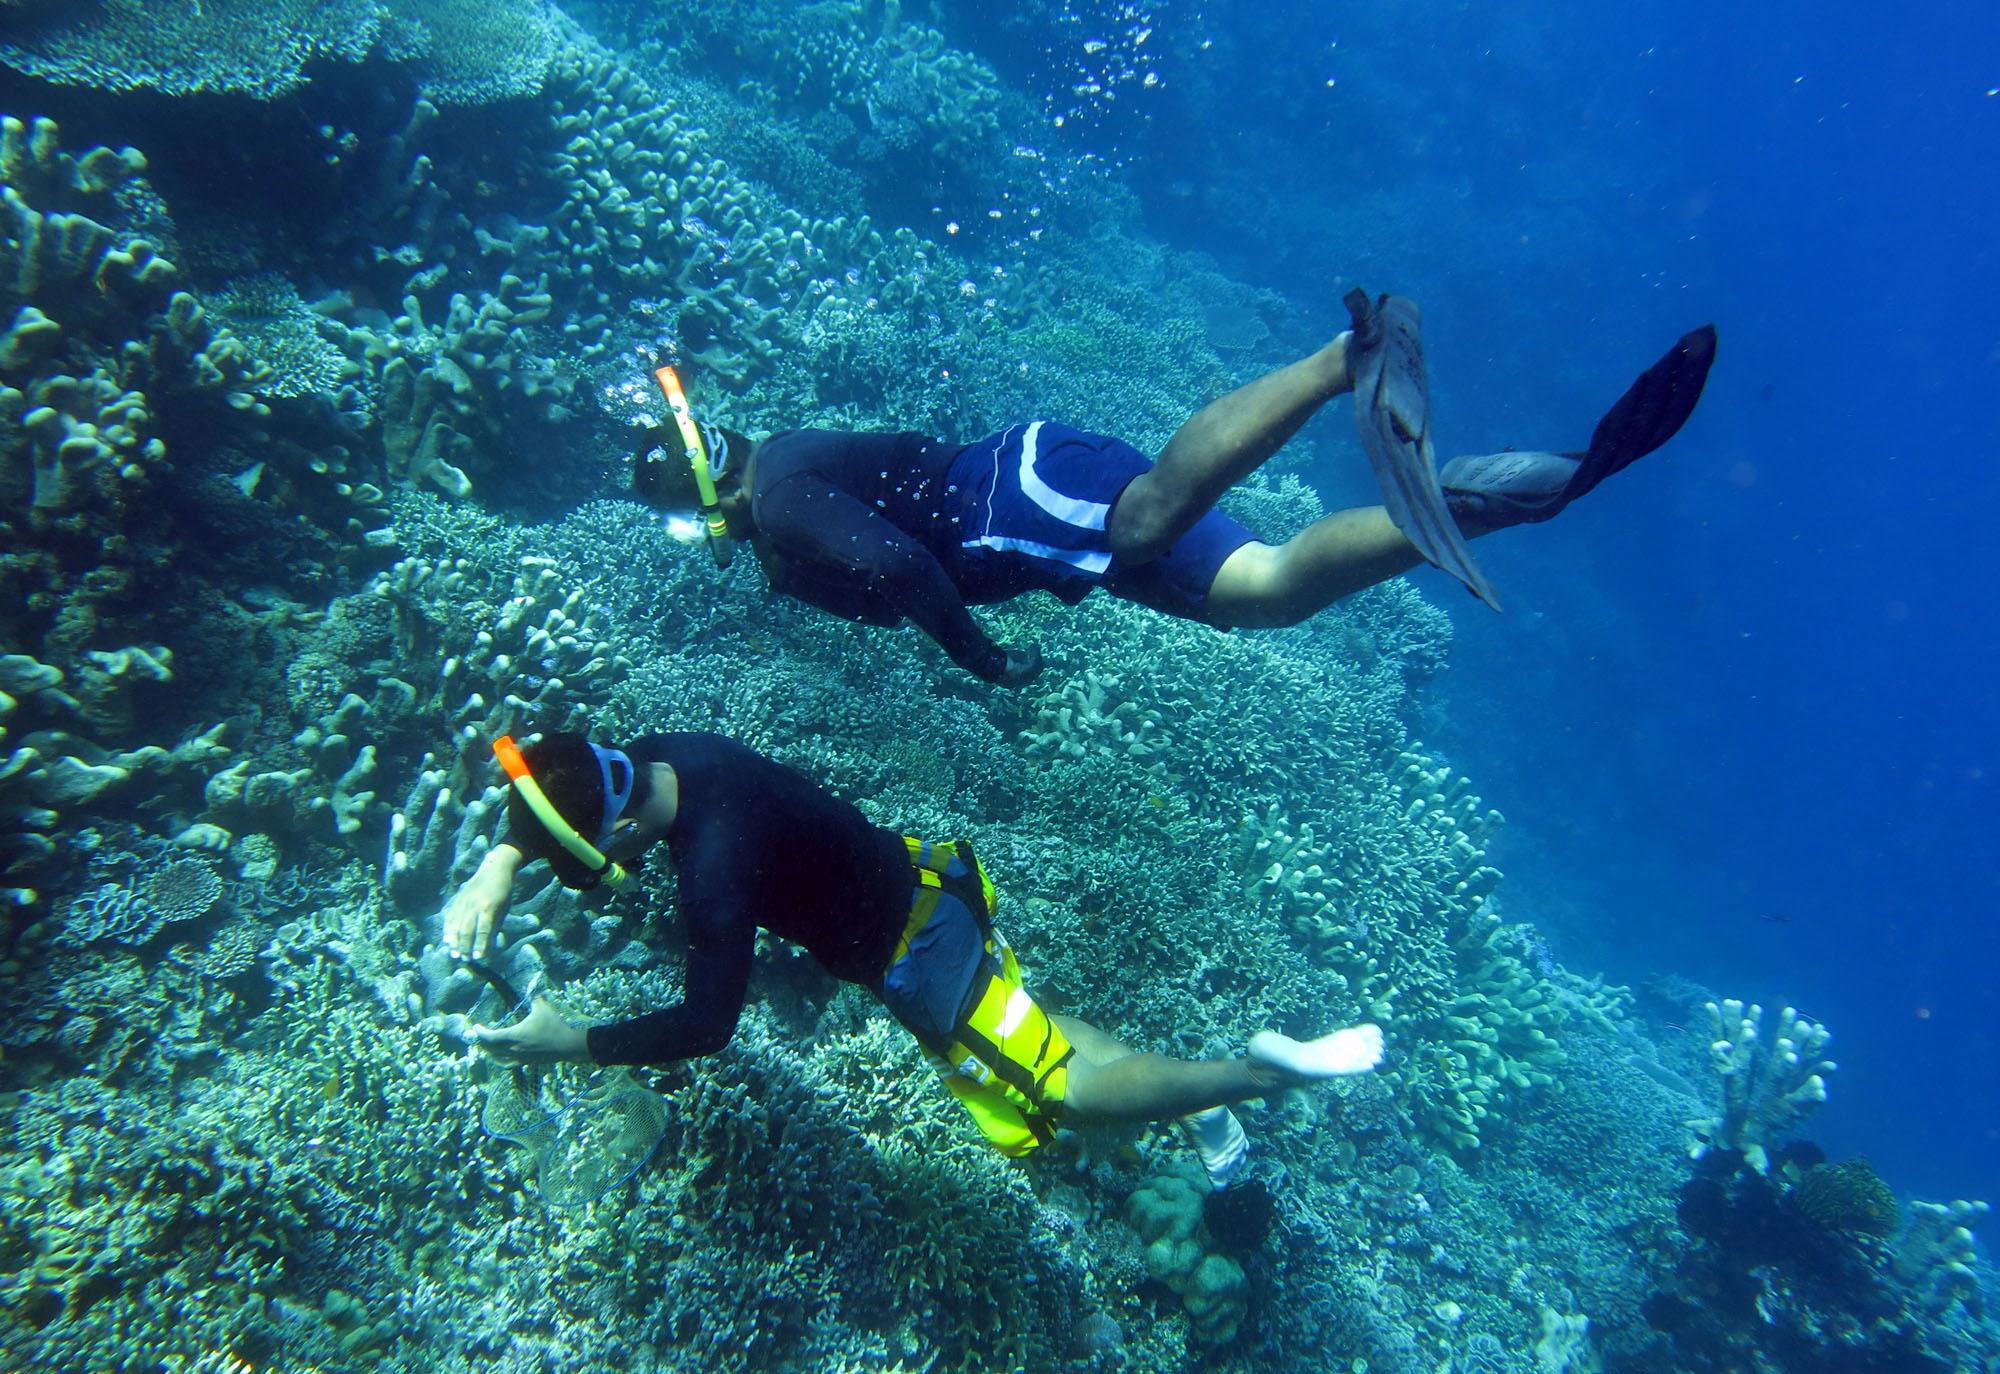 Warga Menyelam Mengambil Sampah Terumbu Karang Taman Laut Olele Kabupaten